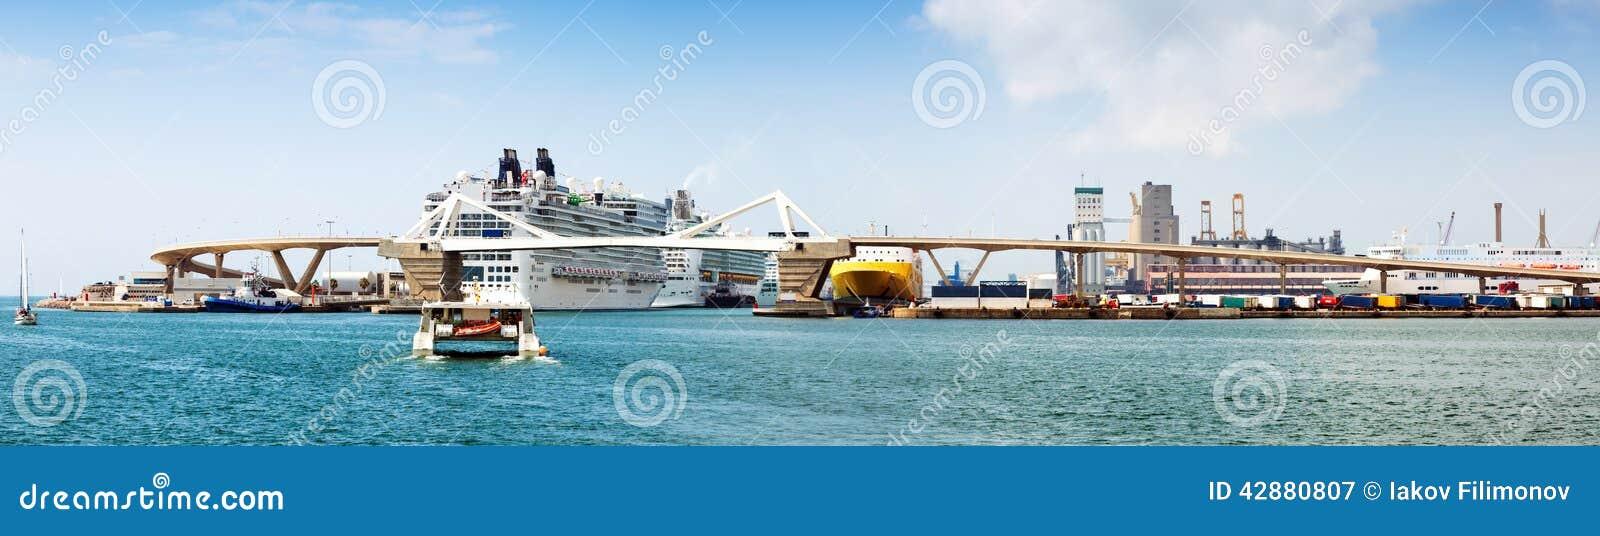 Terminales del crucero en el puerto de Barcelona españa